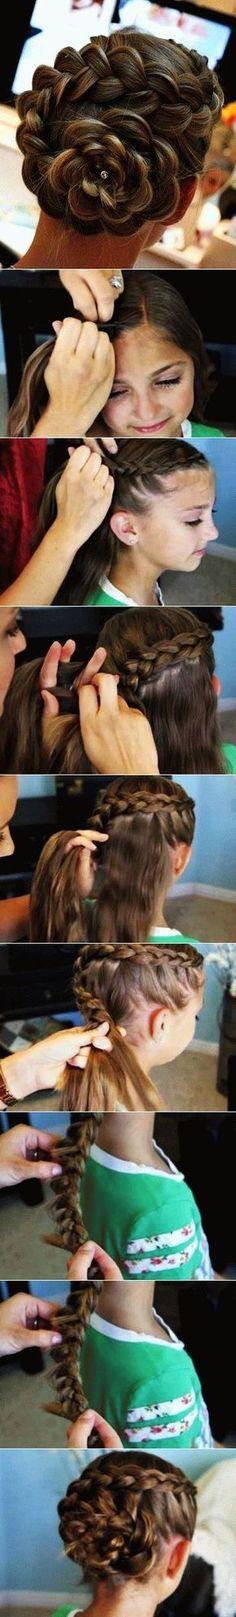 DIY Braided Flower Hair Style: